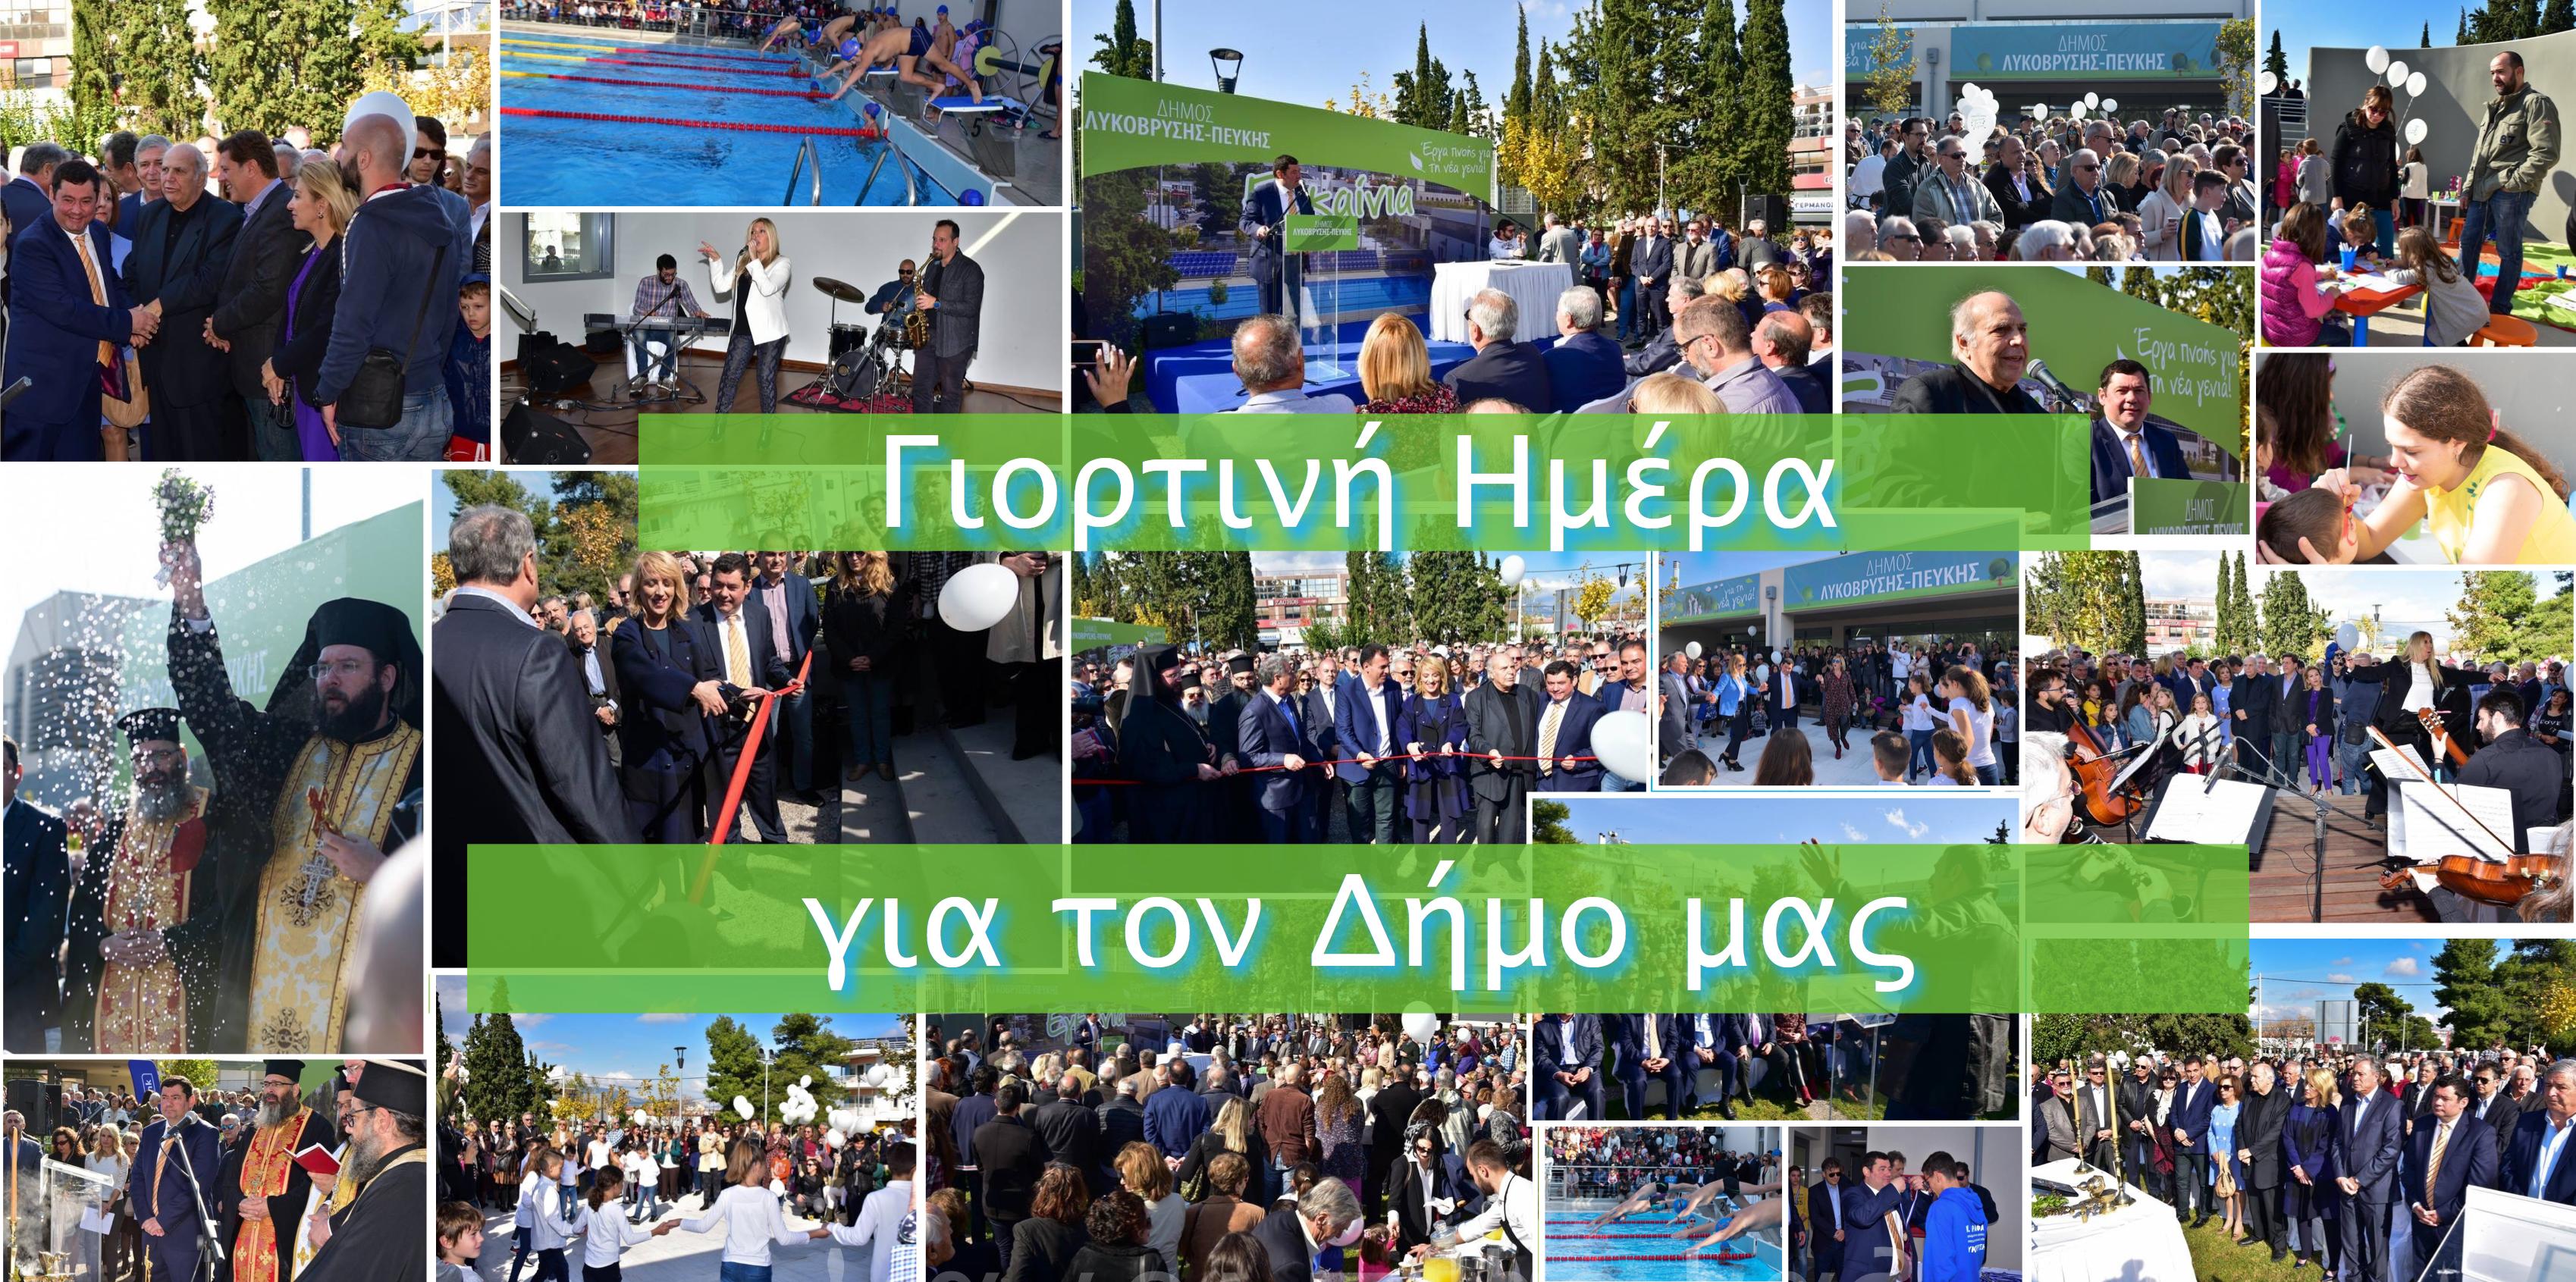 Με μαζική συμμετοχή των πολιτών της Λυκόβρυσης πραγματοποιήθηκαν τα εγκαίνια του νέου Πολυχώρου Πολιτισμού, Αθλητισμού και Αναψυχής της Λυκόβρυσης